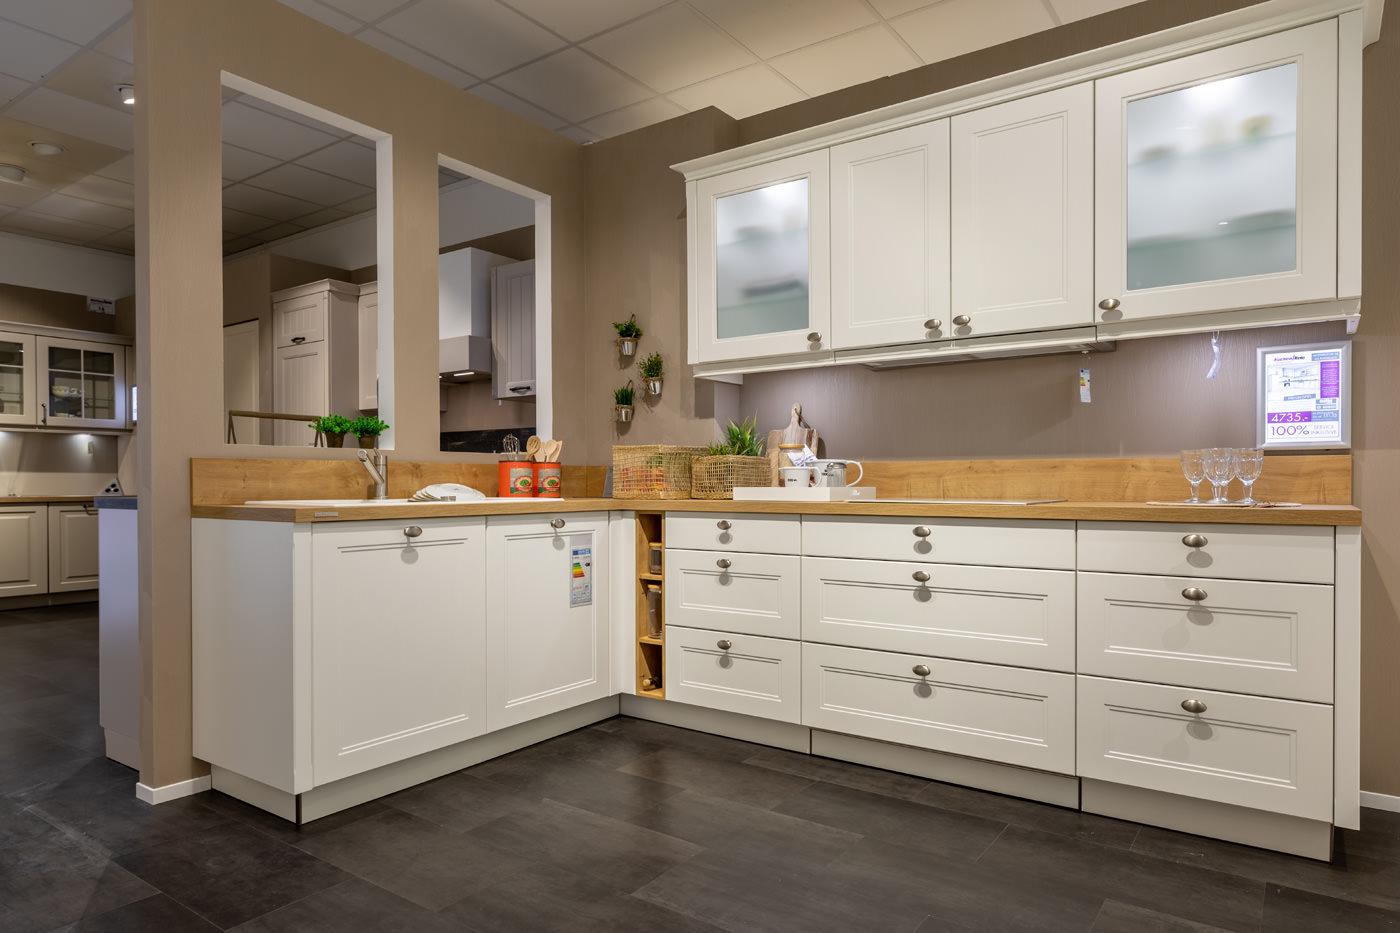 Full Size of Küchen Kchen Keie Mainz Ihr Kchenexperte In Ihrer Nhe Regal Wohnzimmer Küchen